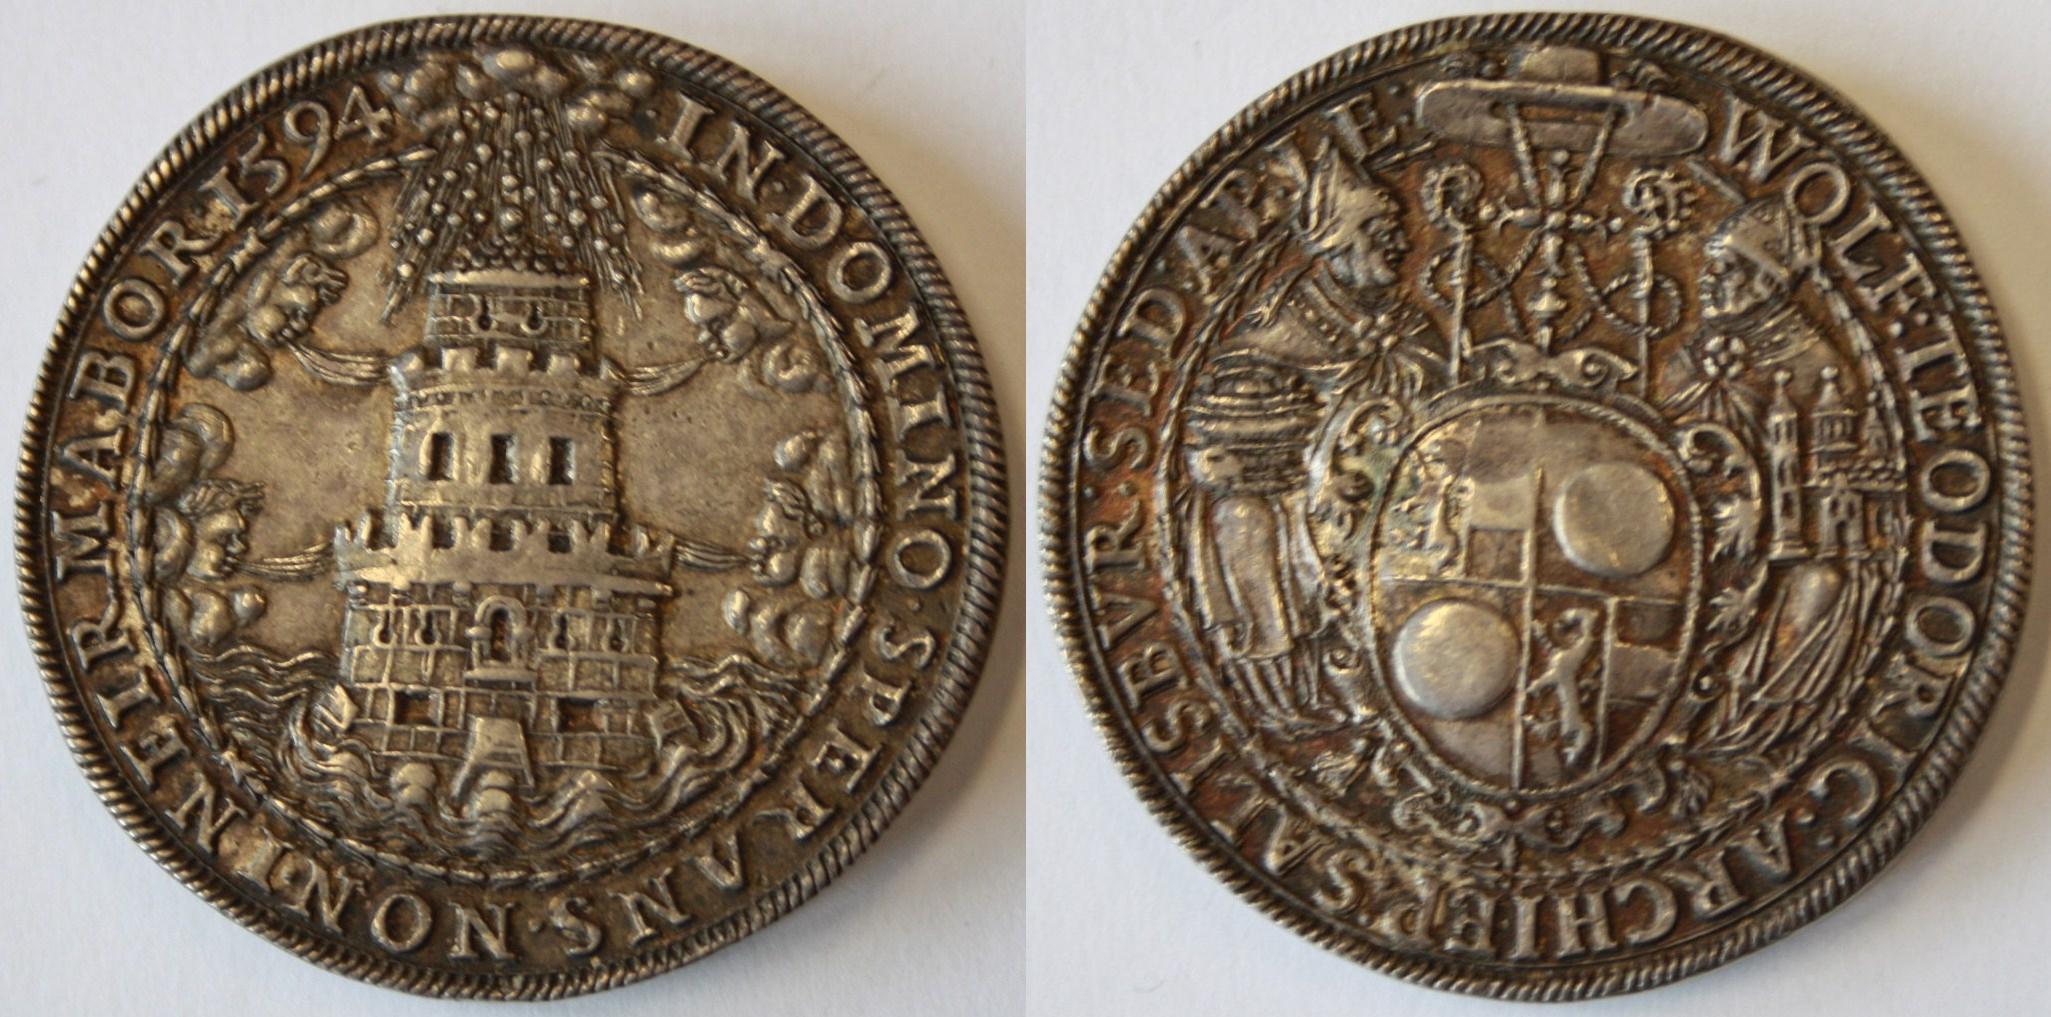 Doppelter Turmtaler 1594 mit einfachem Wappen